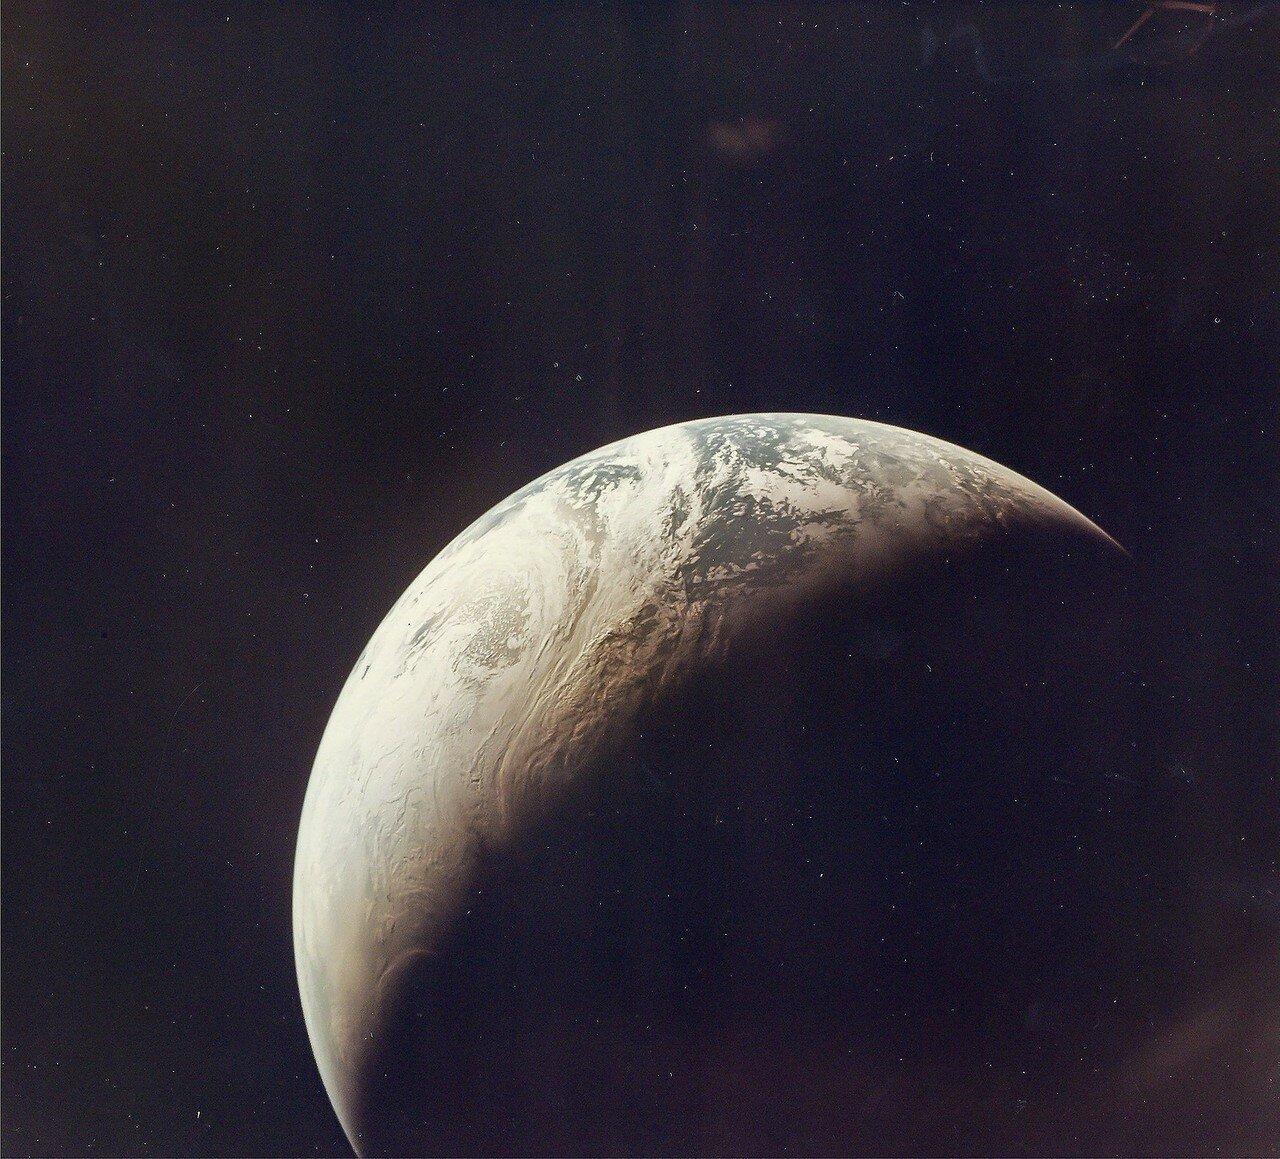 1967, 9 ноября. Первая цветная фотография полумесяца Земли из окна беспилотного космического корабля «Аполлон-4»